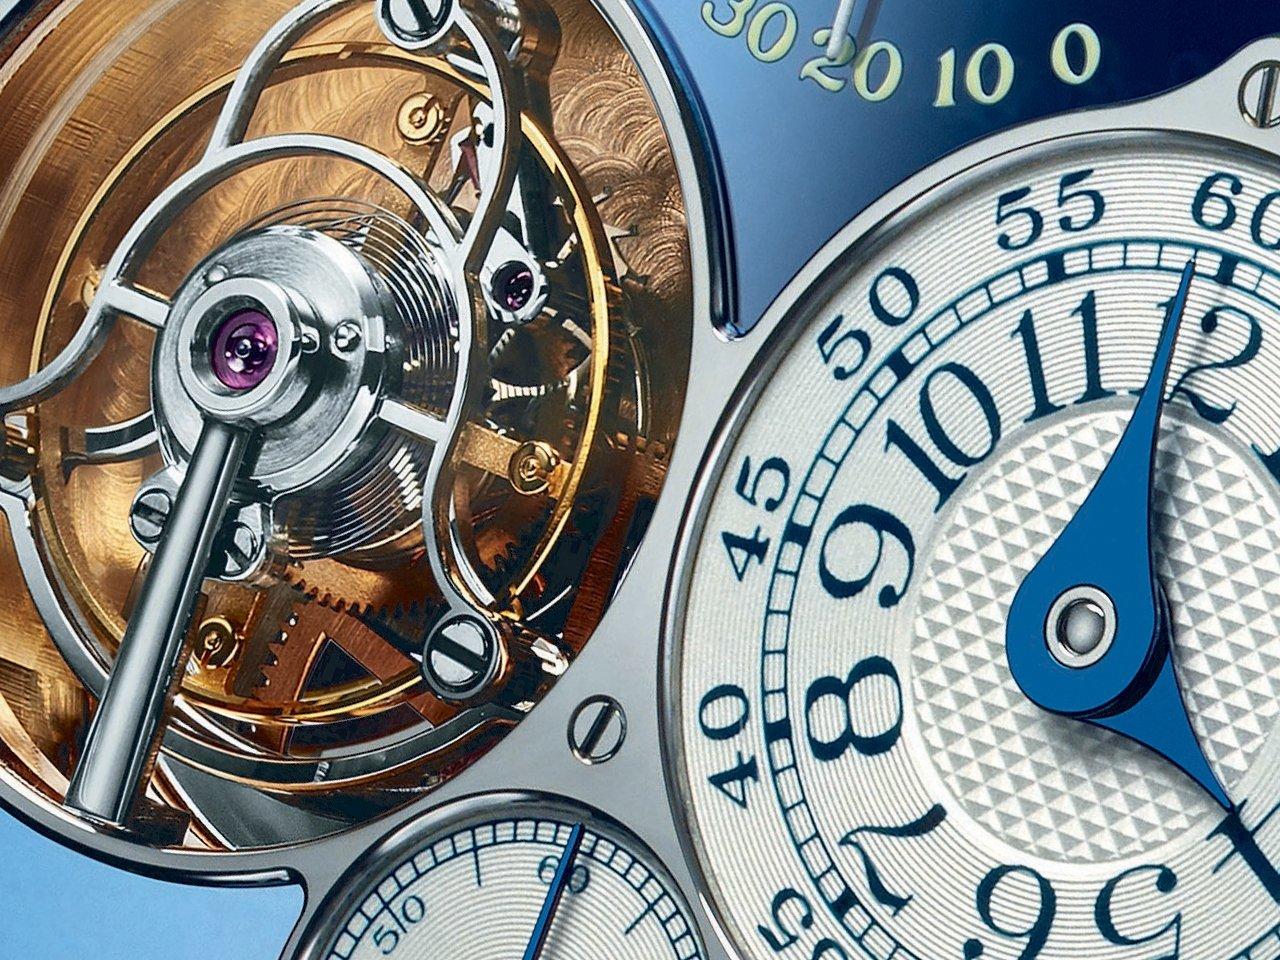 f-p-journe-tourbillon-souverain-bleu-only-watch-2015-0-100-9